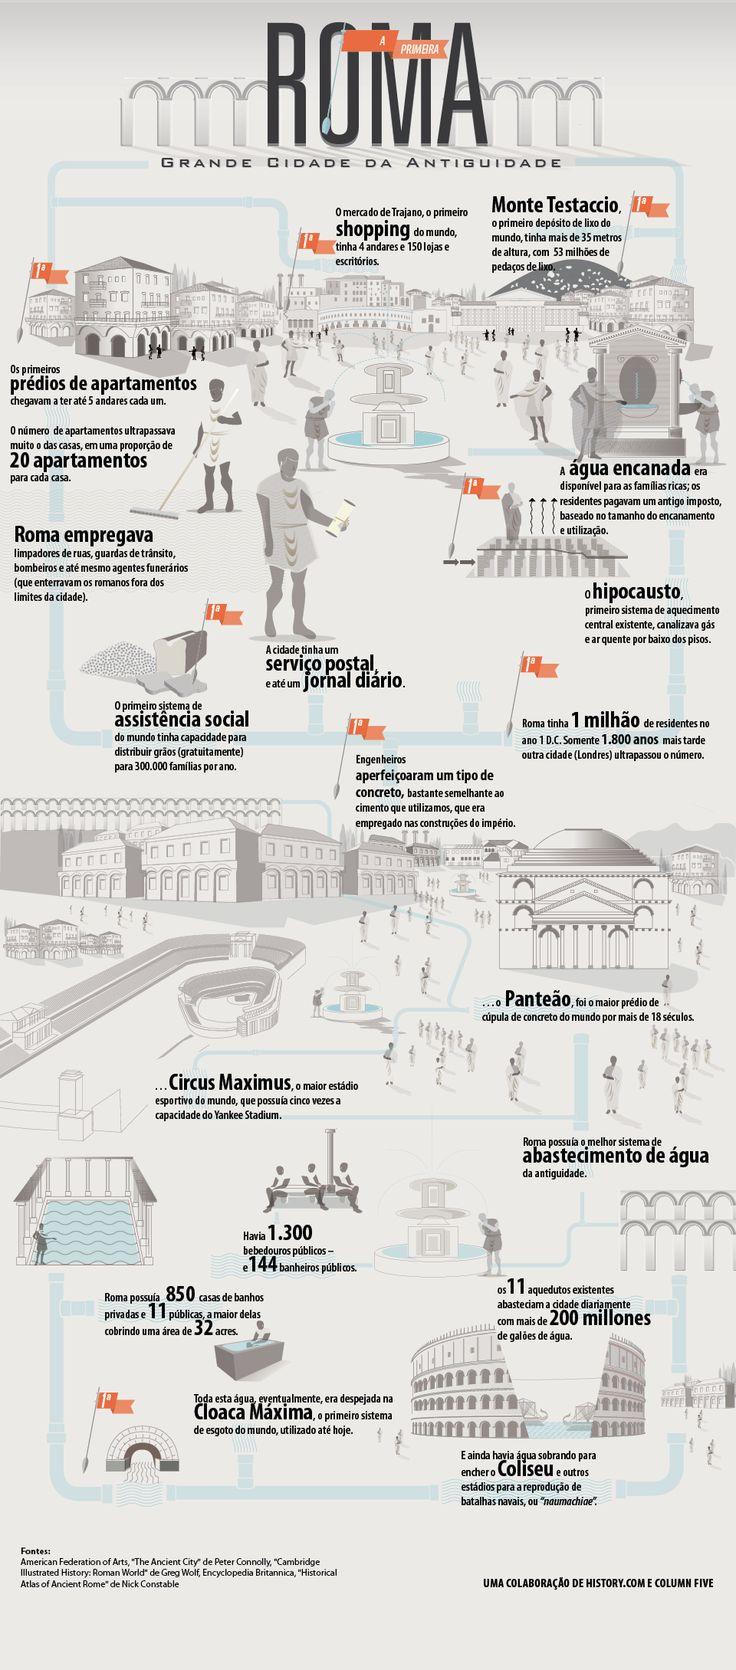 Infográfico sobre #Roma, um dos maiores impérios do nosso planeta